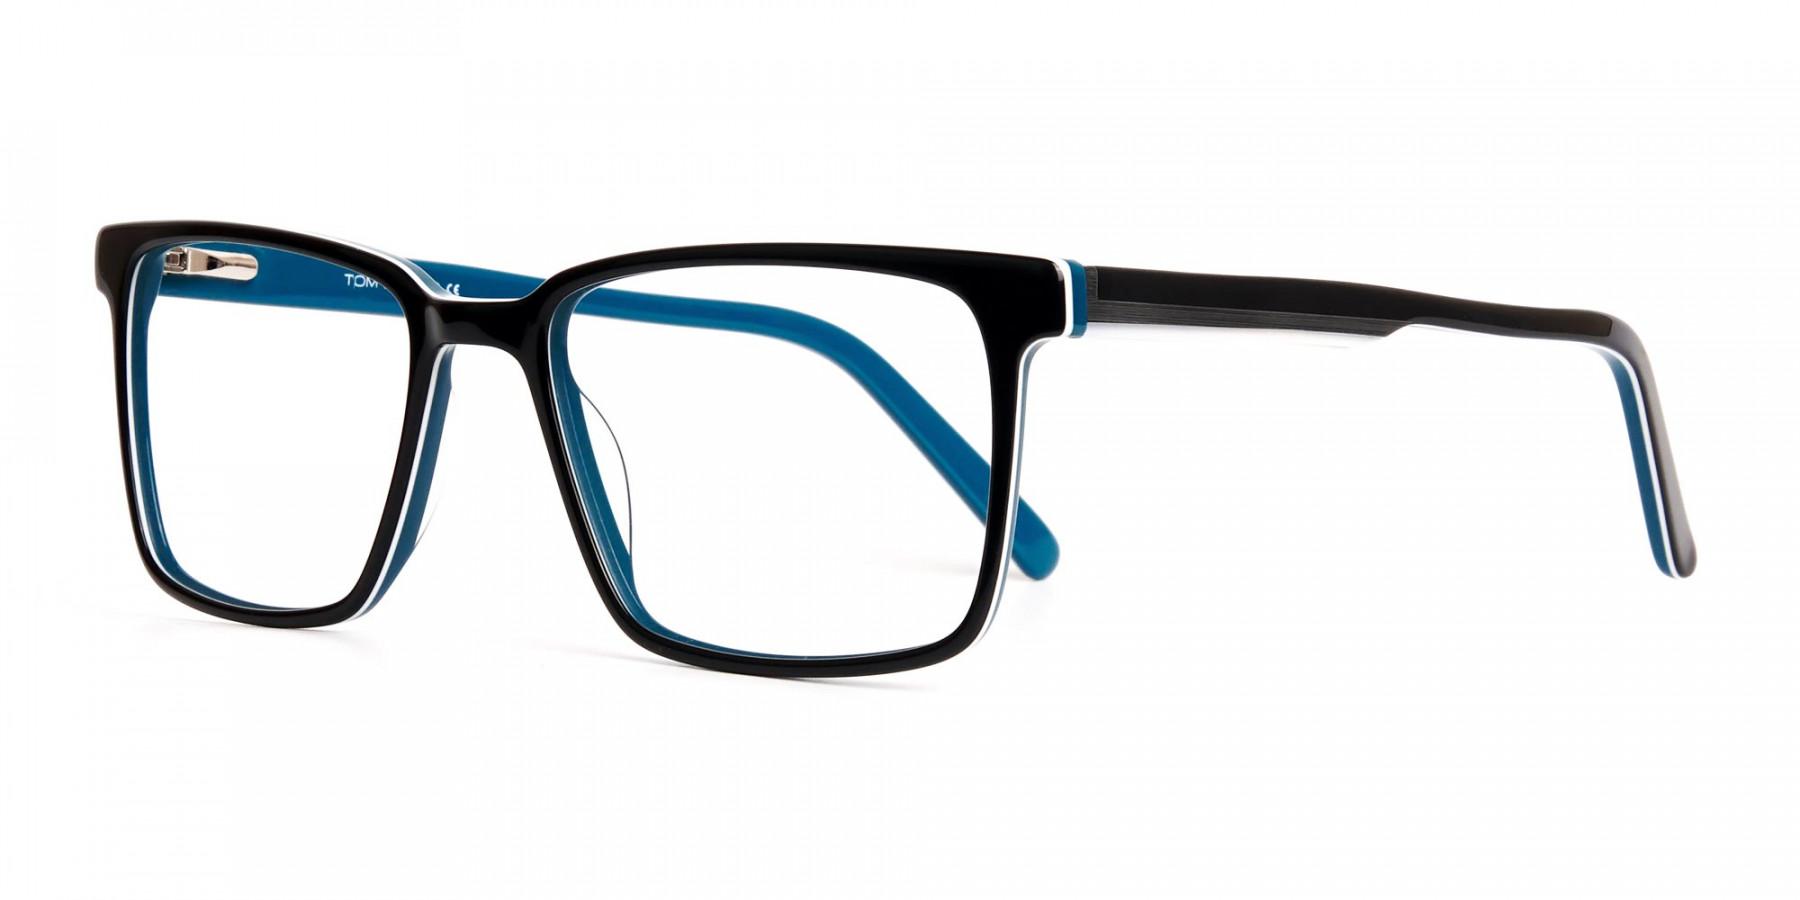 Black-and-Teal-Designer-Rectangular-Glasses-frames-1